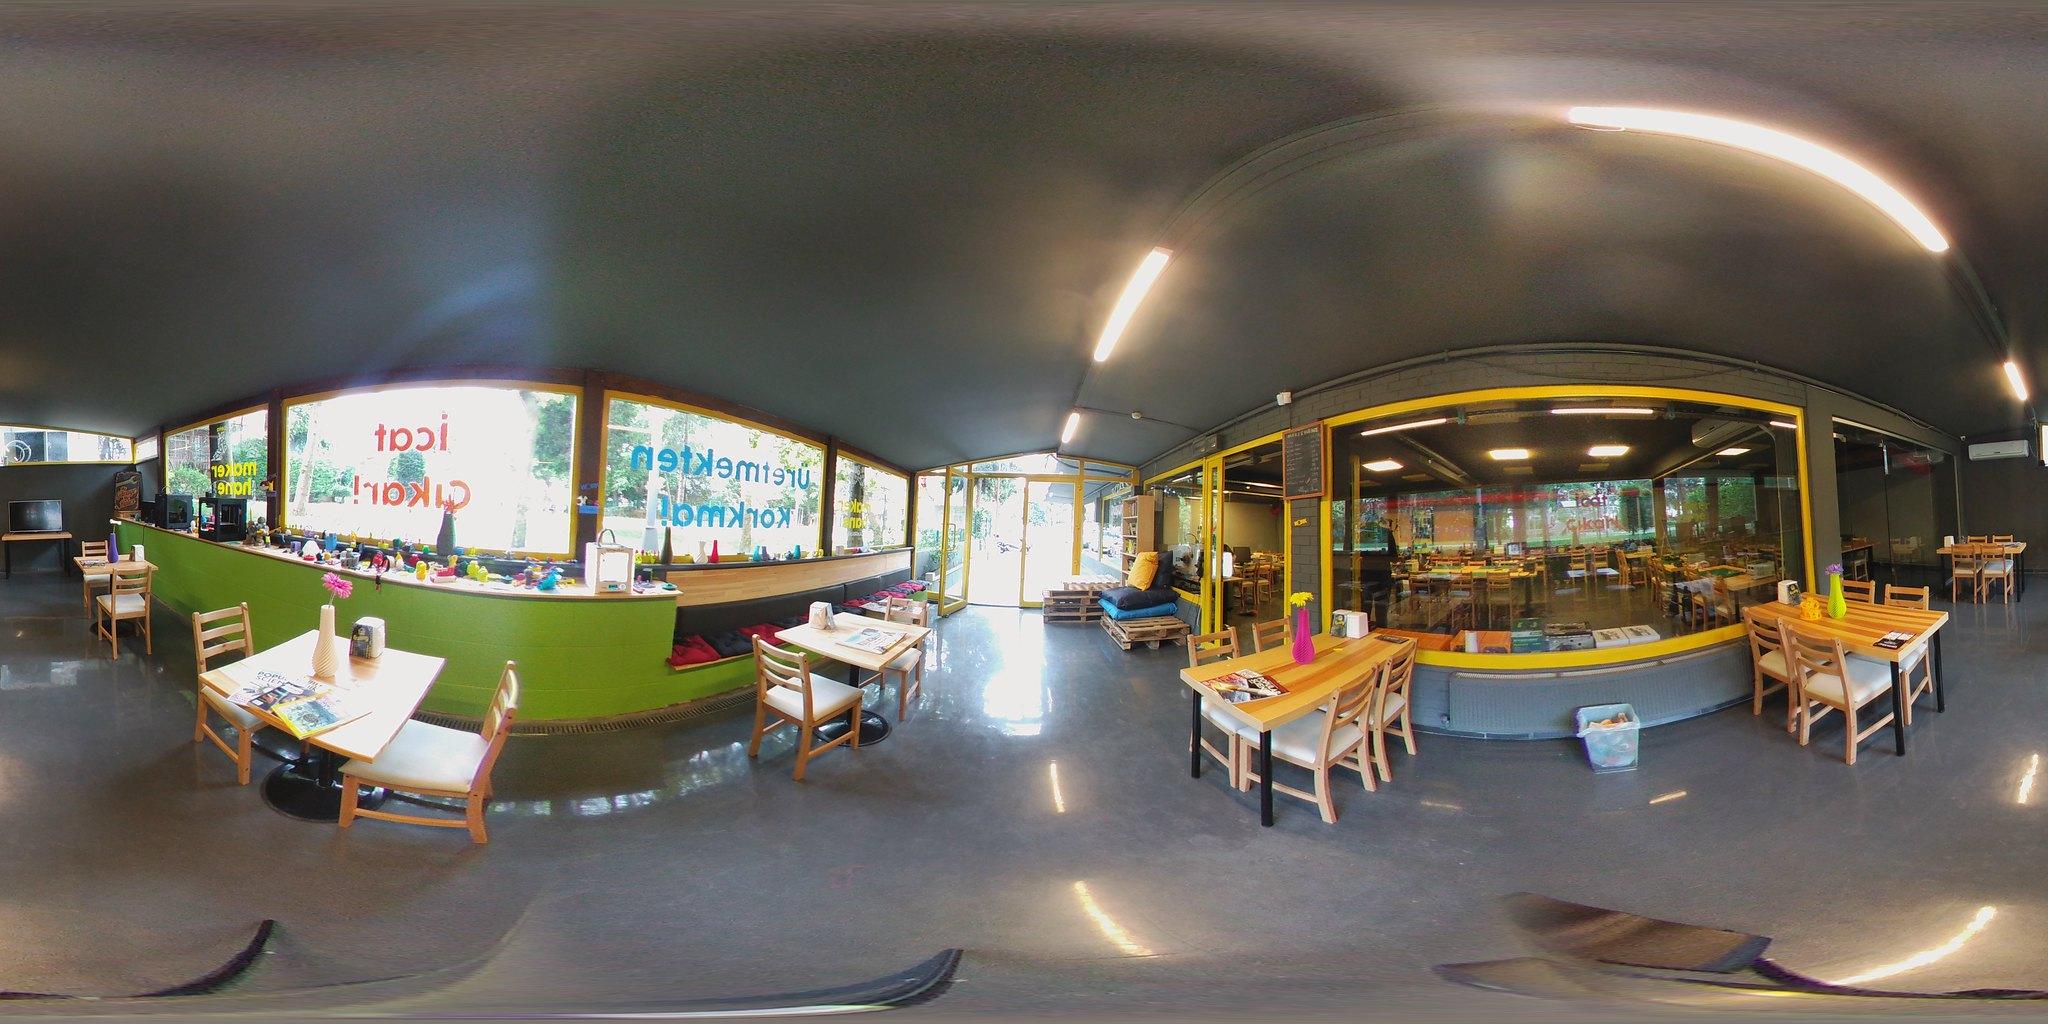 Maker Kafe